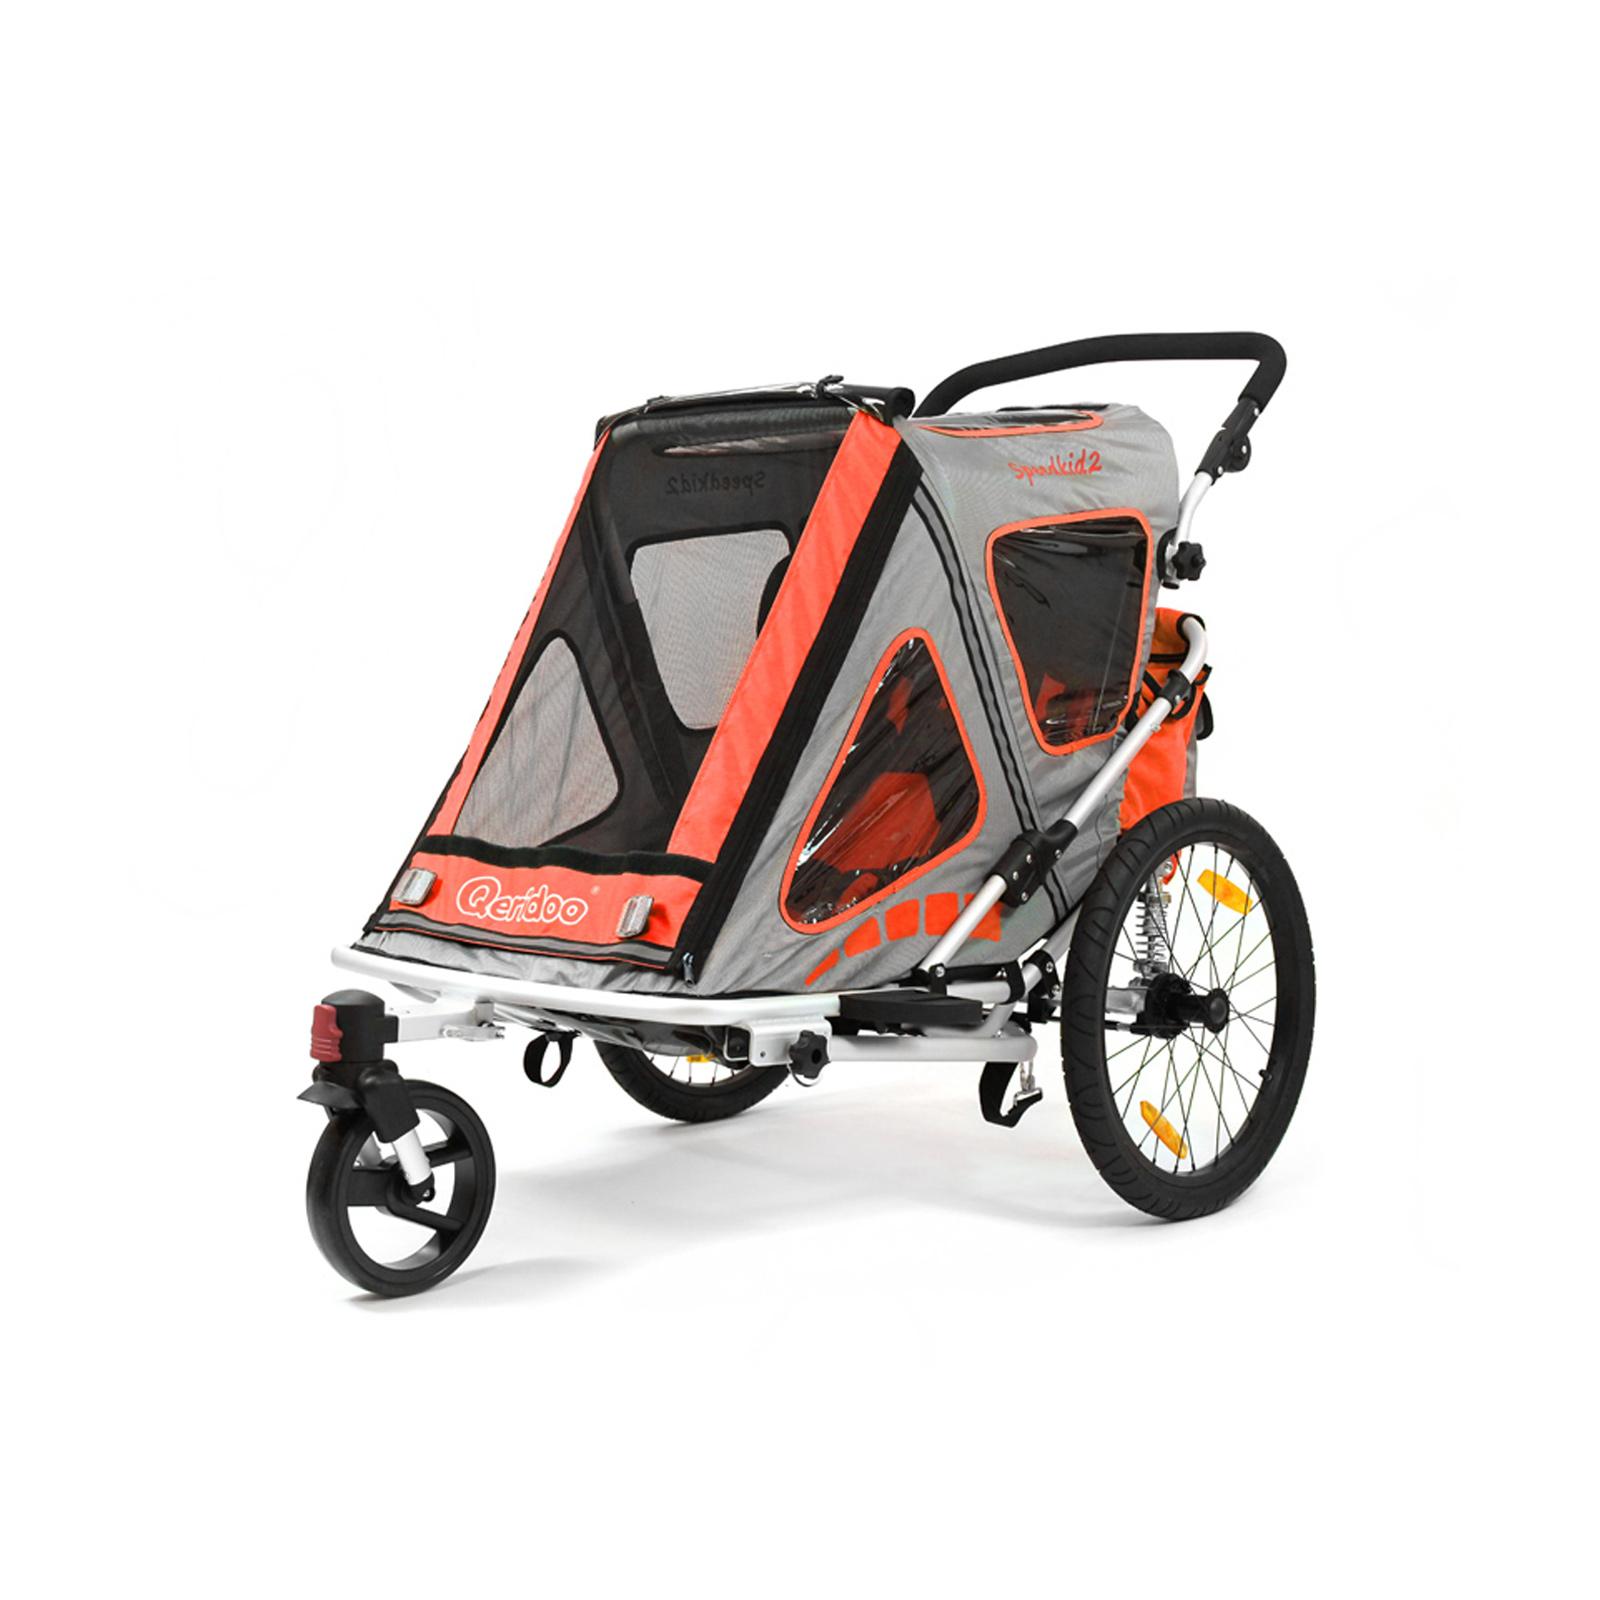 fahrradanh nger qeridoo speedkid 2 kinderanh nger kinder fahrrad anh nger orange ebay. Black Bedroom Furniture Sets. Home Design Ideas